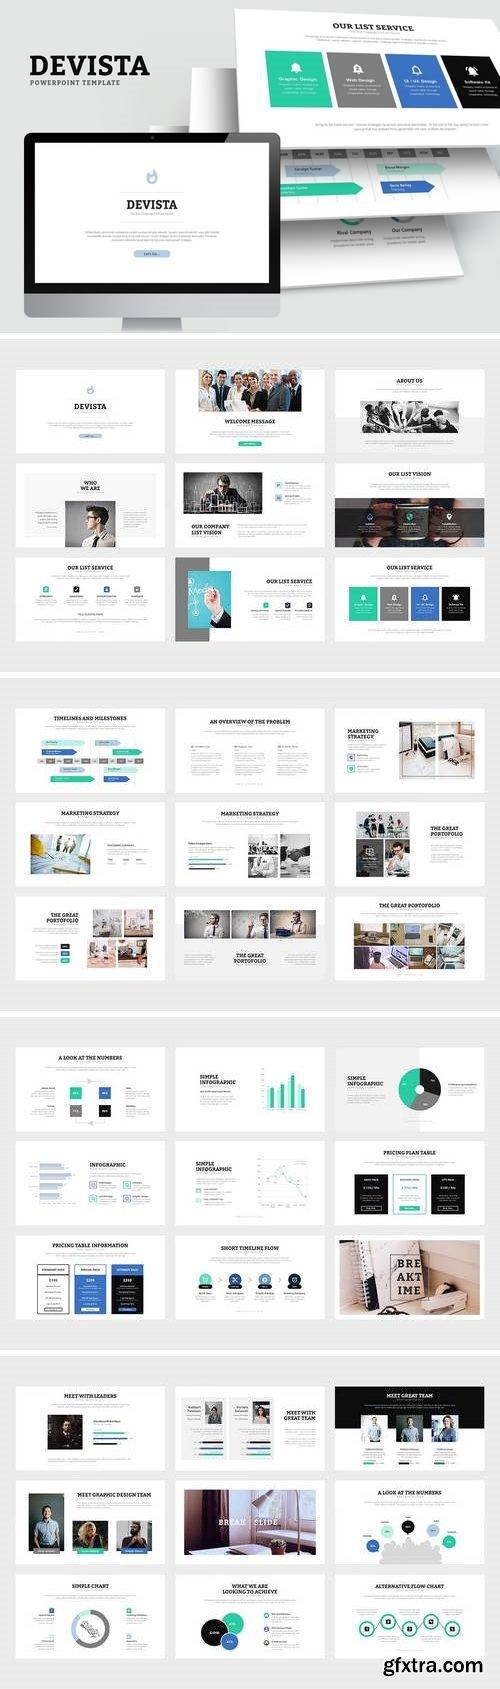 Devista : Startup Investor Pitch Deck Powerpoint